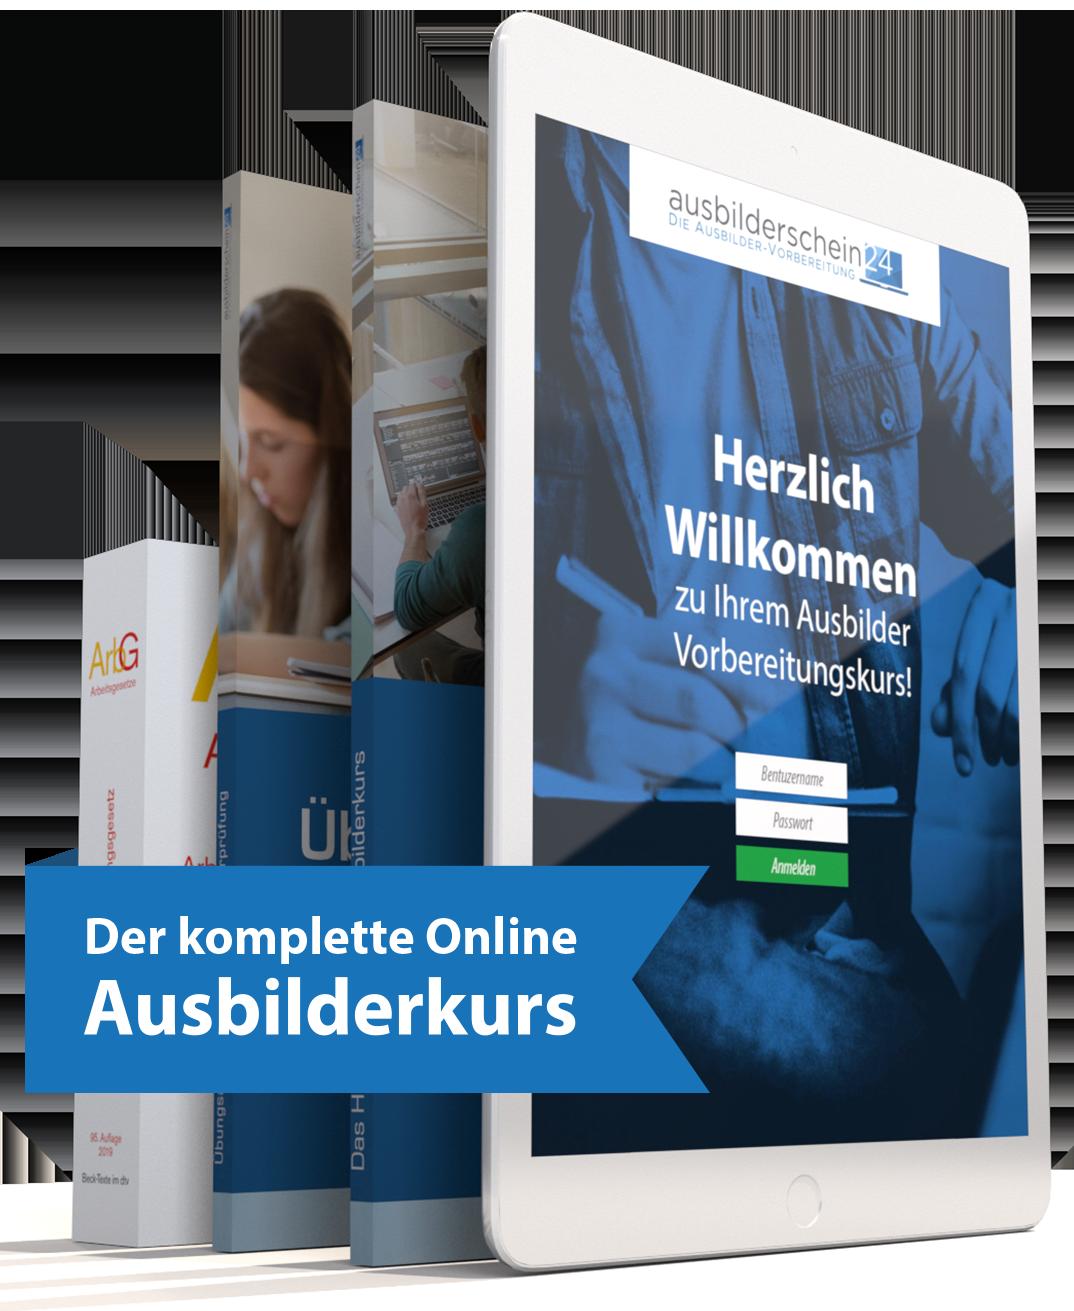 Online Ausbilderkurs Angebot Inhalt mit ArbG, Übungsheft, Handbuch und Onlinekurs